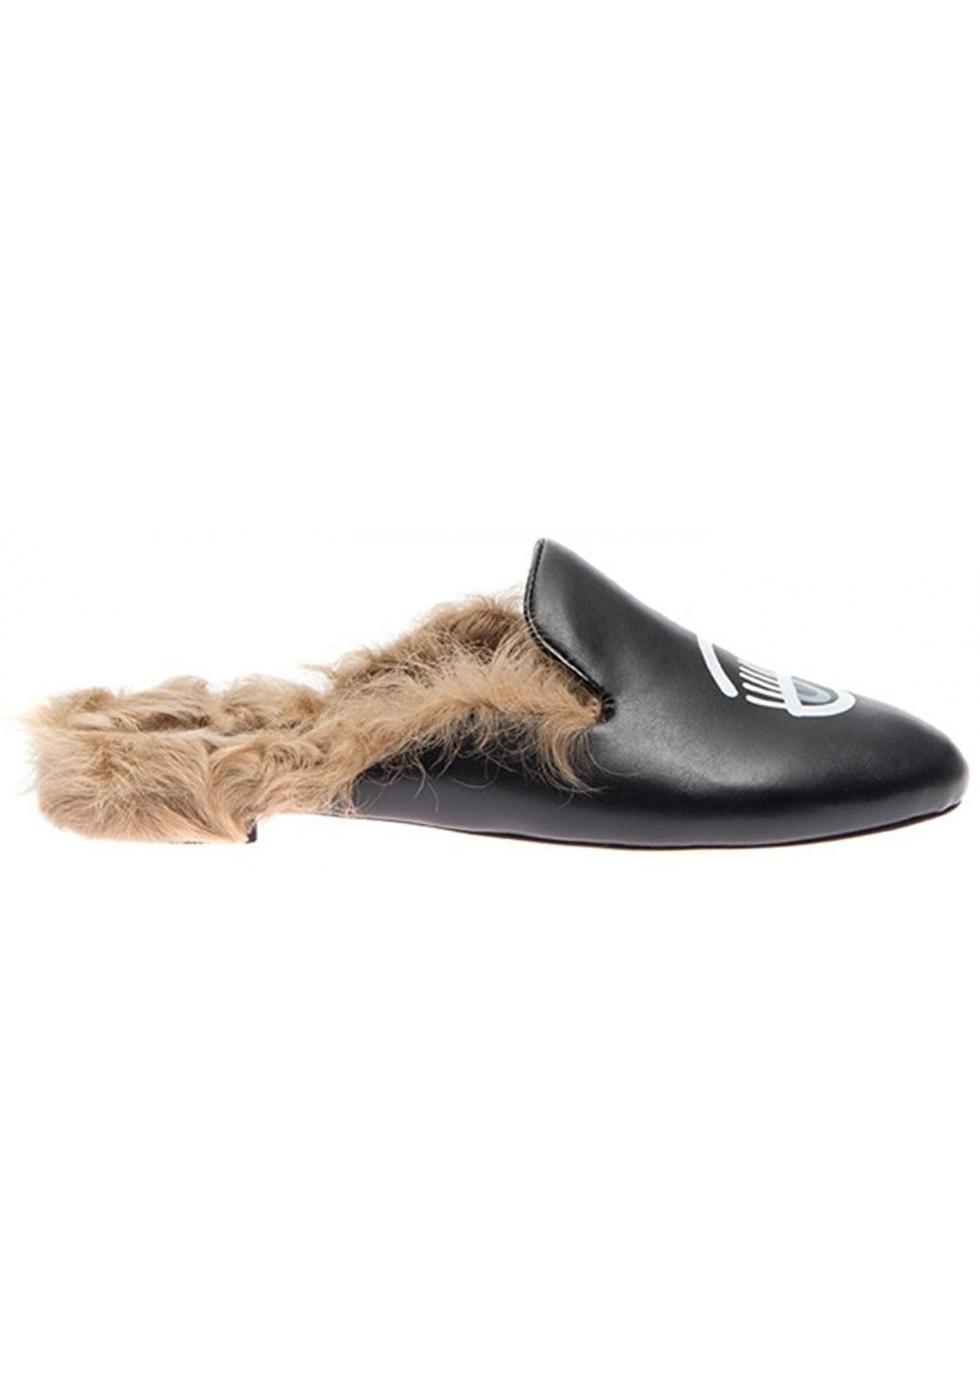 cieco più vicino a comprare a buon mercato Chiara Ferragni slippers in black Leather fur lined - Italian Boutique